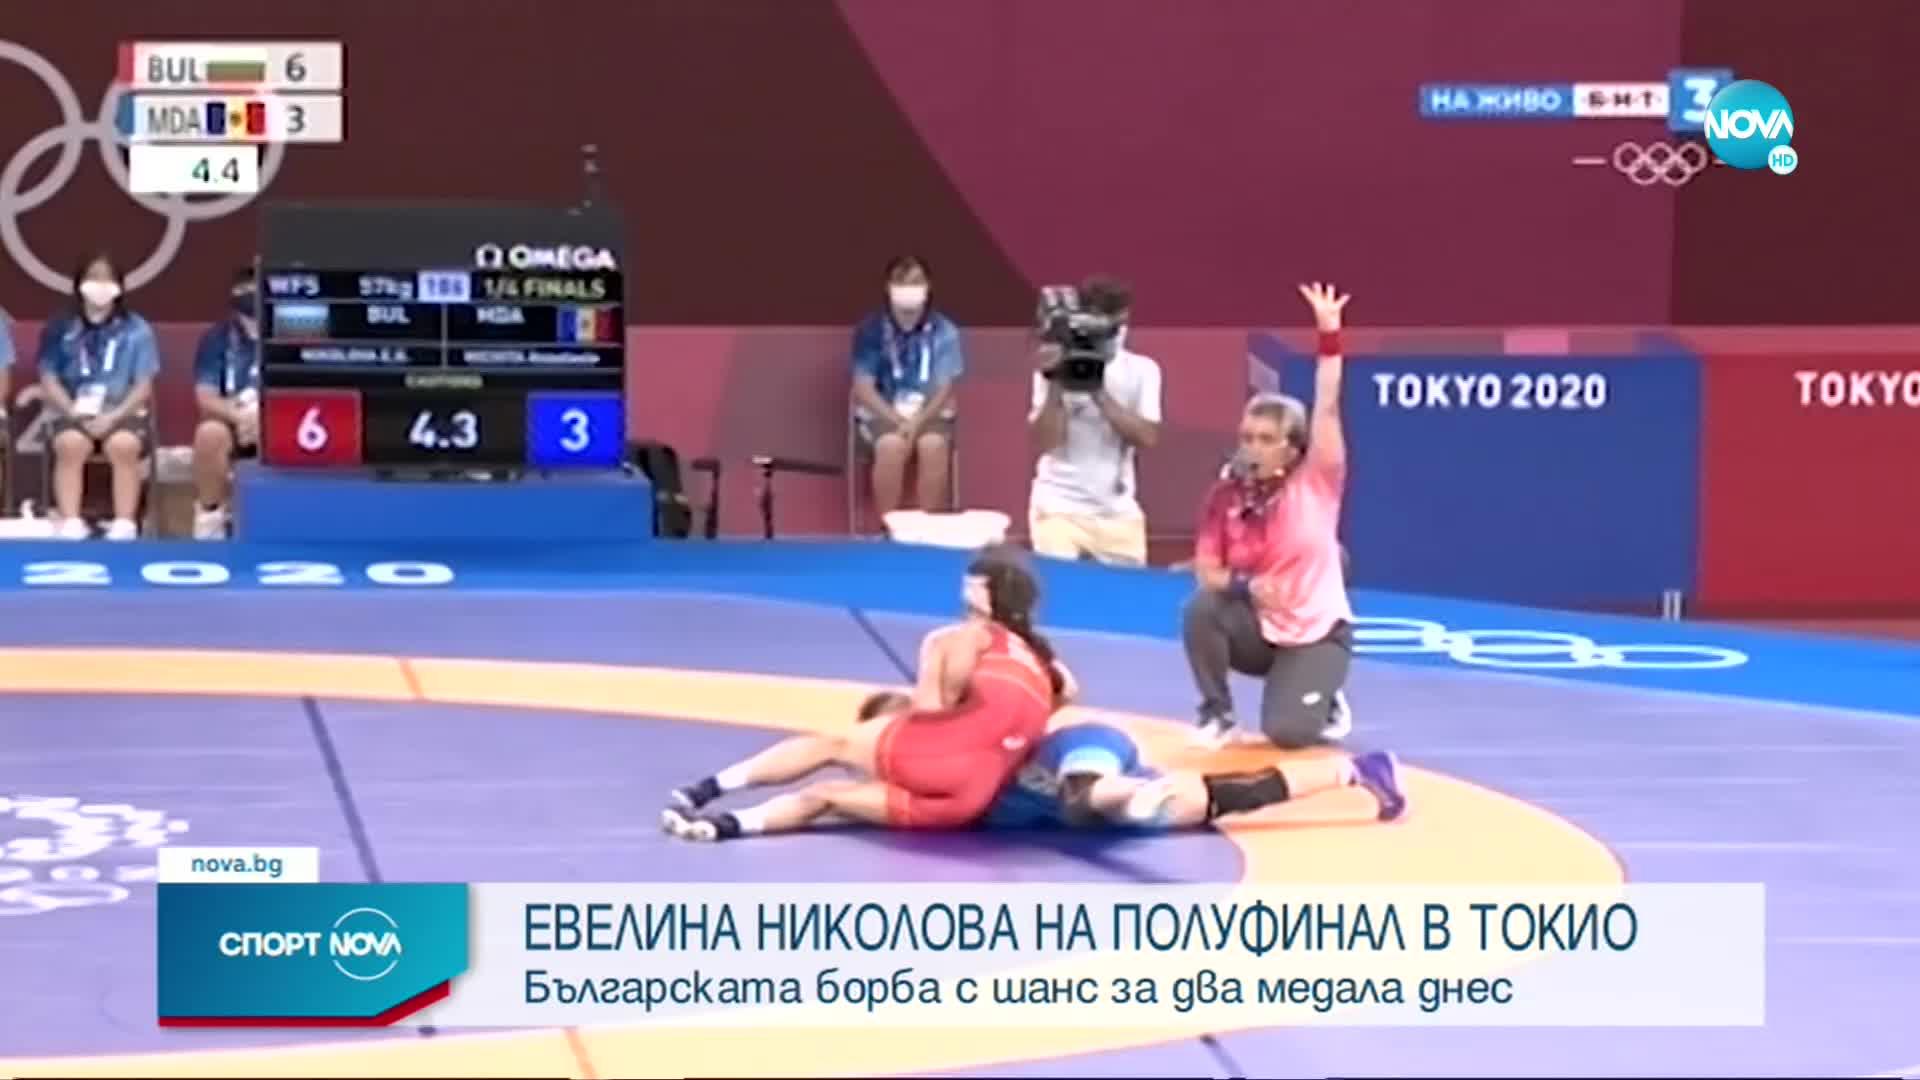 Чудесно! Евелина Николова е на 1/2-финал, ще се бори за медалите